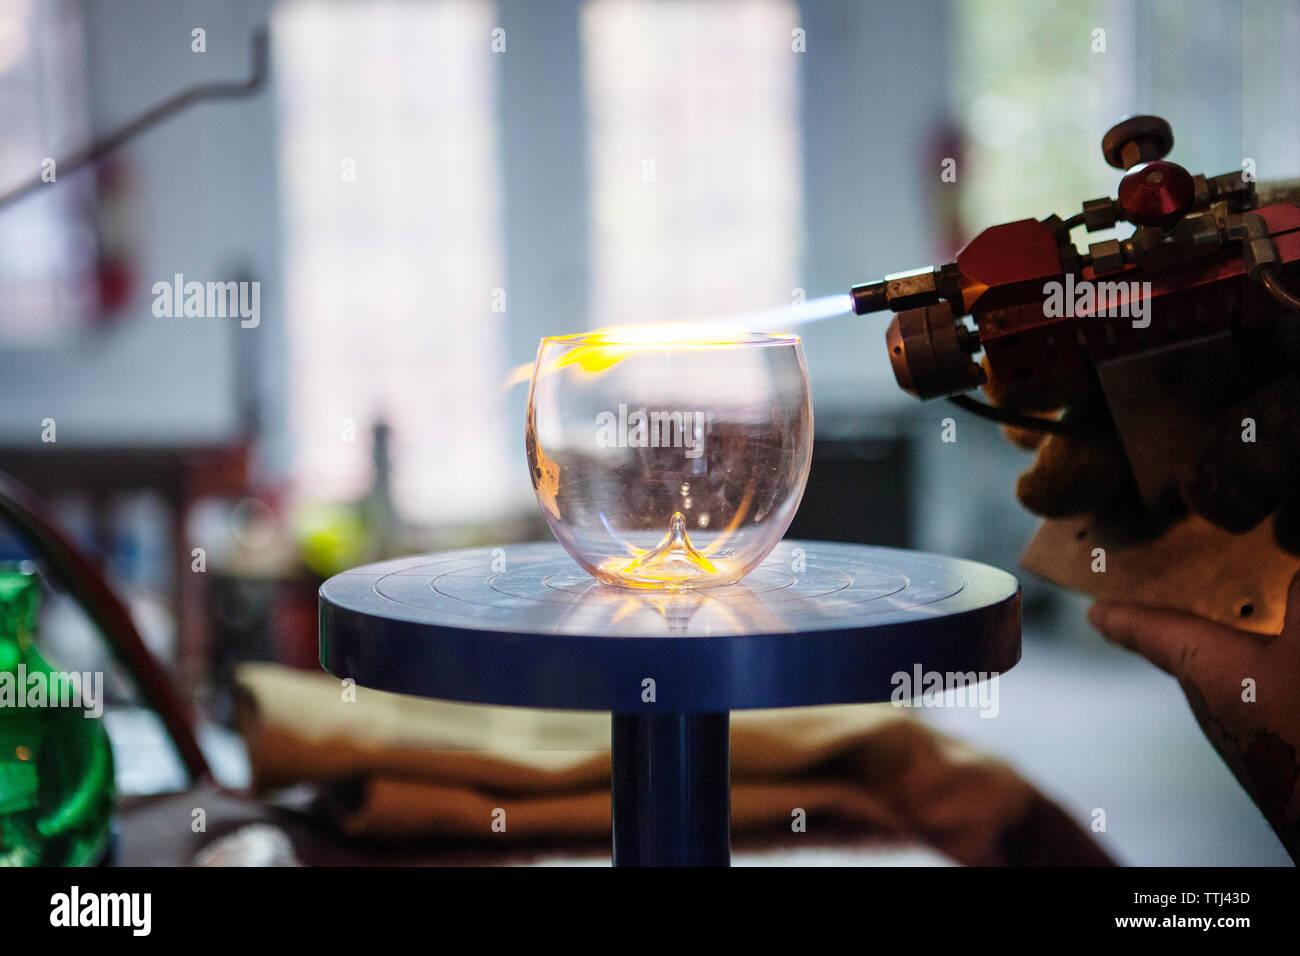 Souffleur De Verre Ile De Ré souffleur de verre photos & souffleur de verre images - alamy